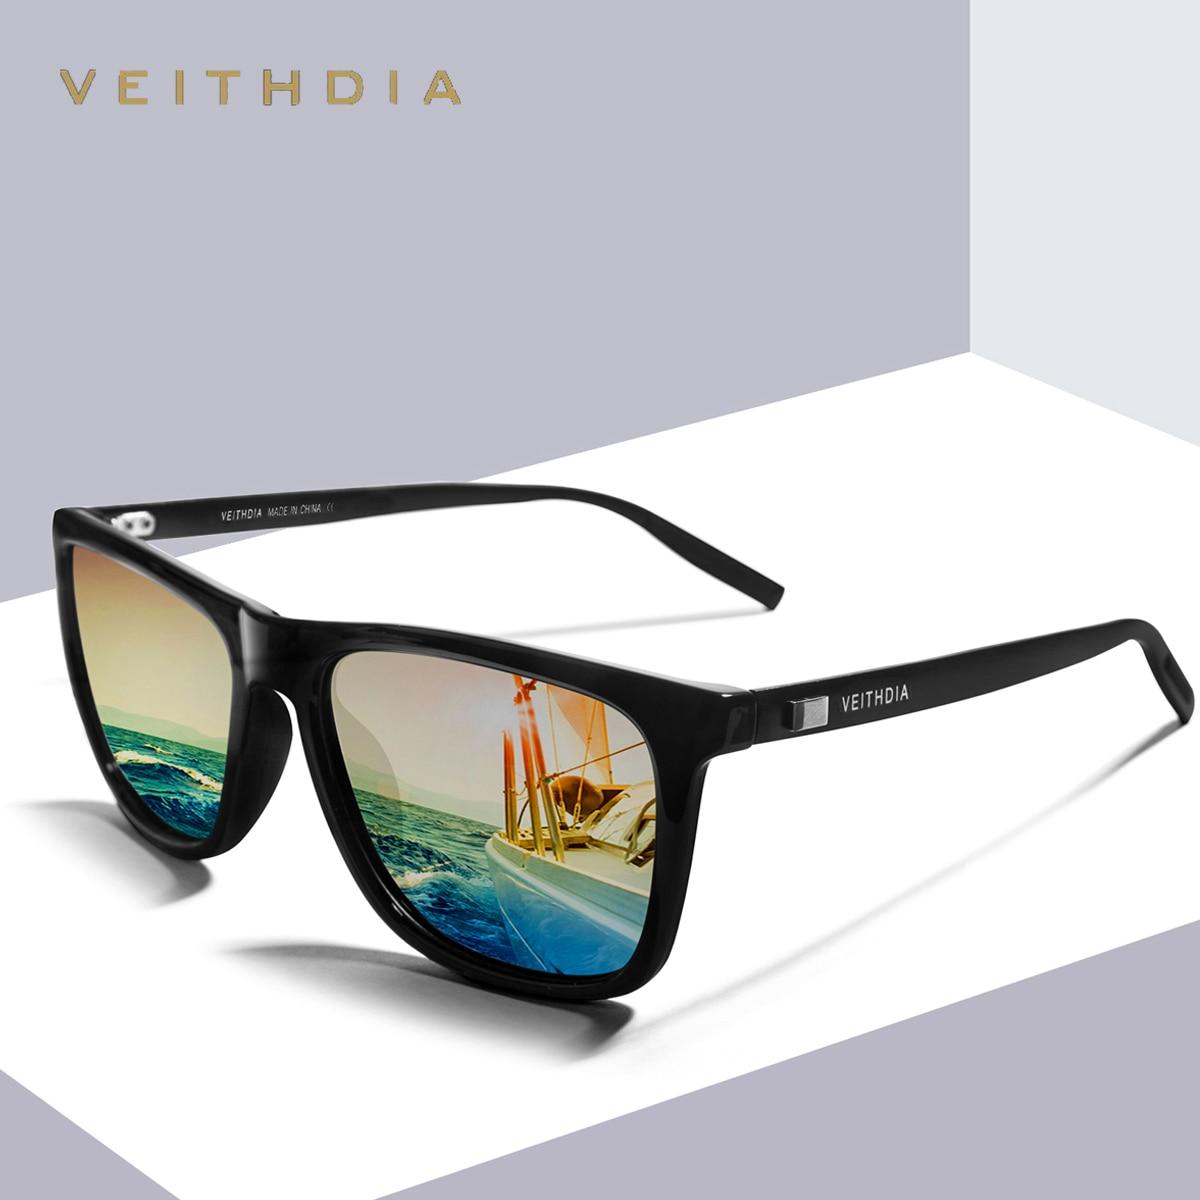 VEITHDIA ბრენდის Unisex რეტრო ალუმინის + TR90 სათვალე მზერით პოლარიზებული ობიექტივი რთველი სათვალეების აქსესუარები მზის სათვალეები მამაკაცთა / ქალთა 6108